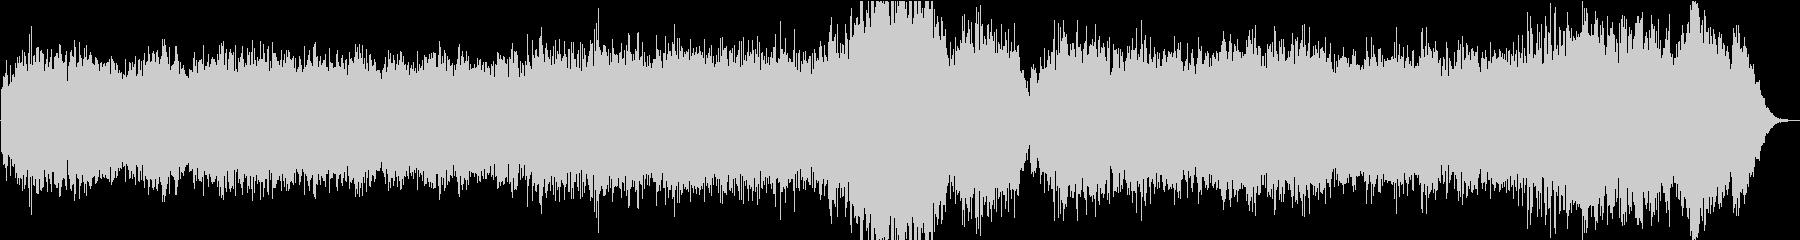 ソルフェジオ周波数、瞑想的な癒しの音楽の未再生の波形